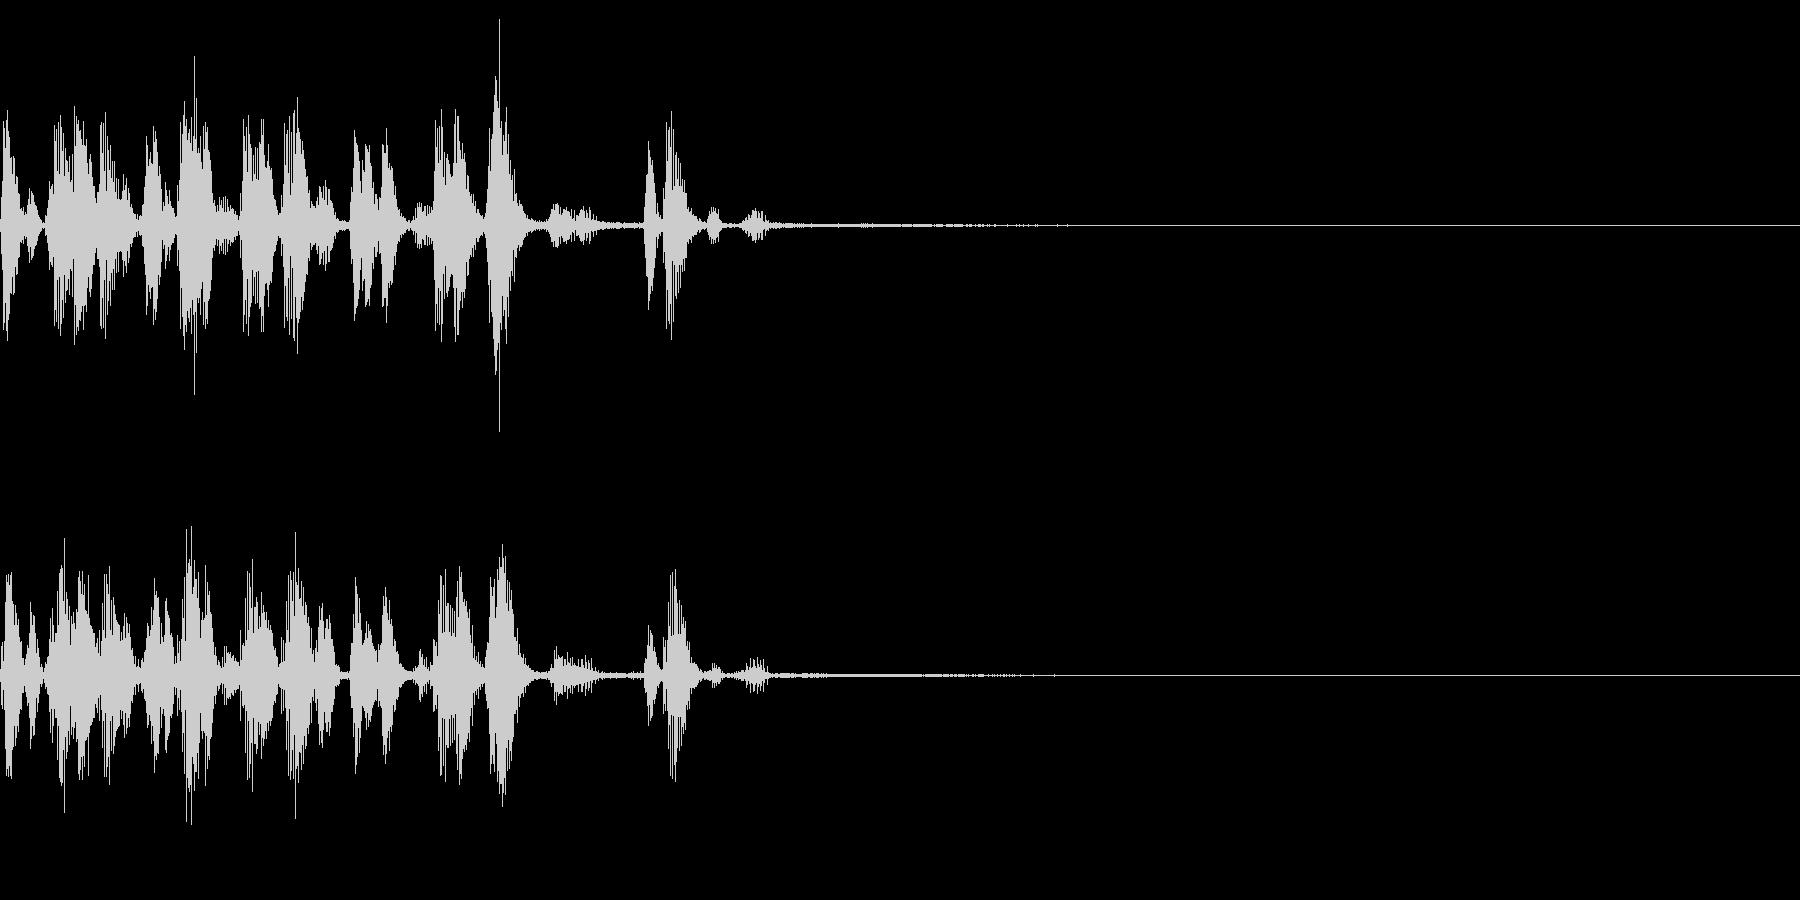 生き物の声 食事を食べる 会話 アワワの未再生の波形